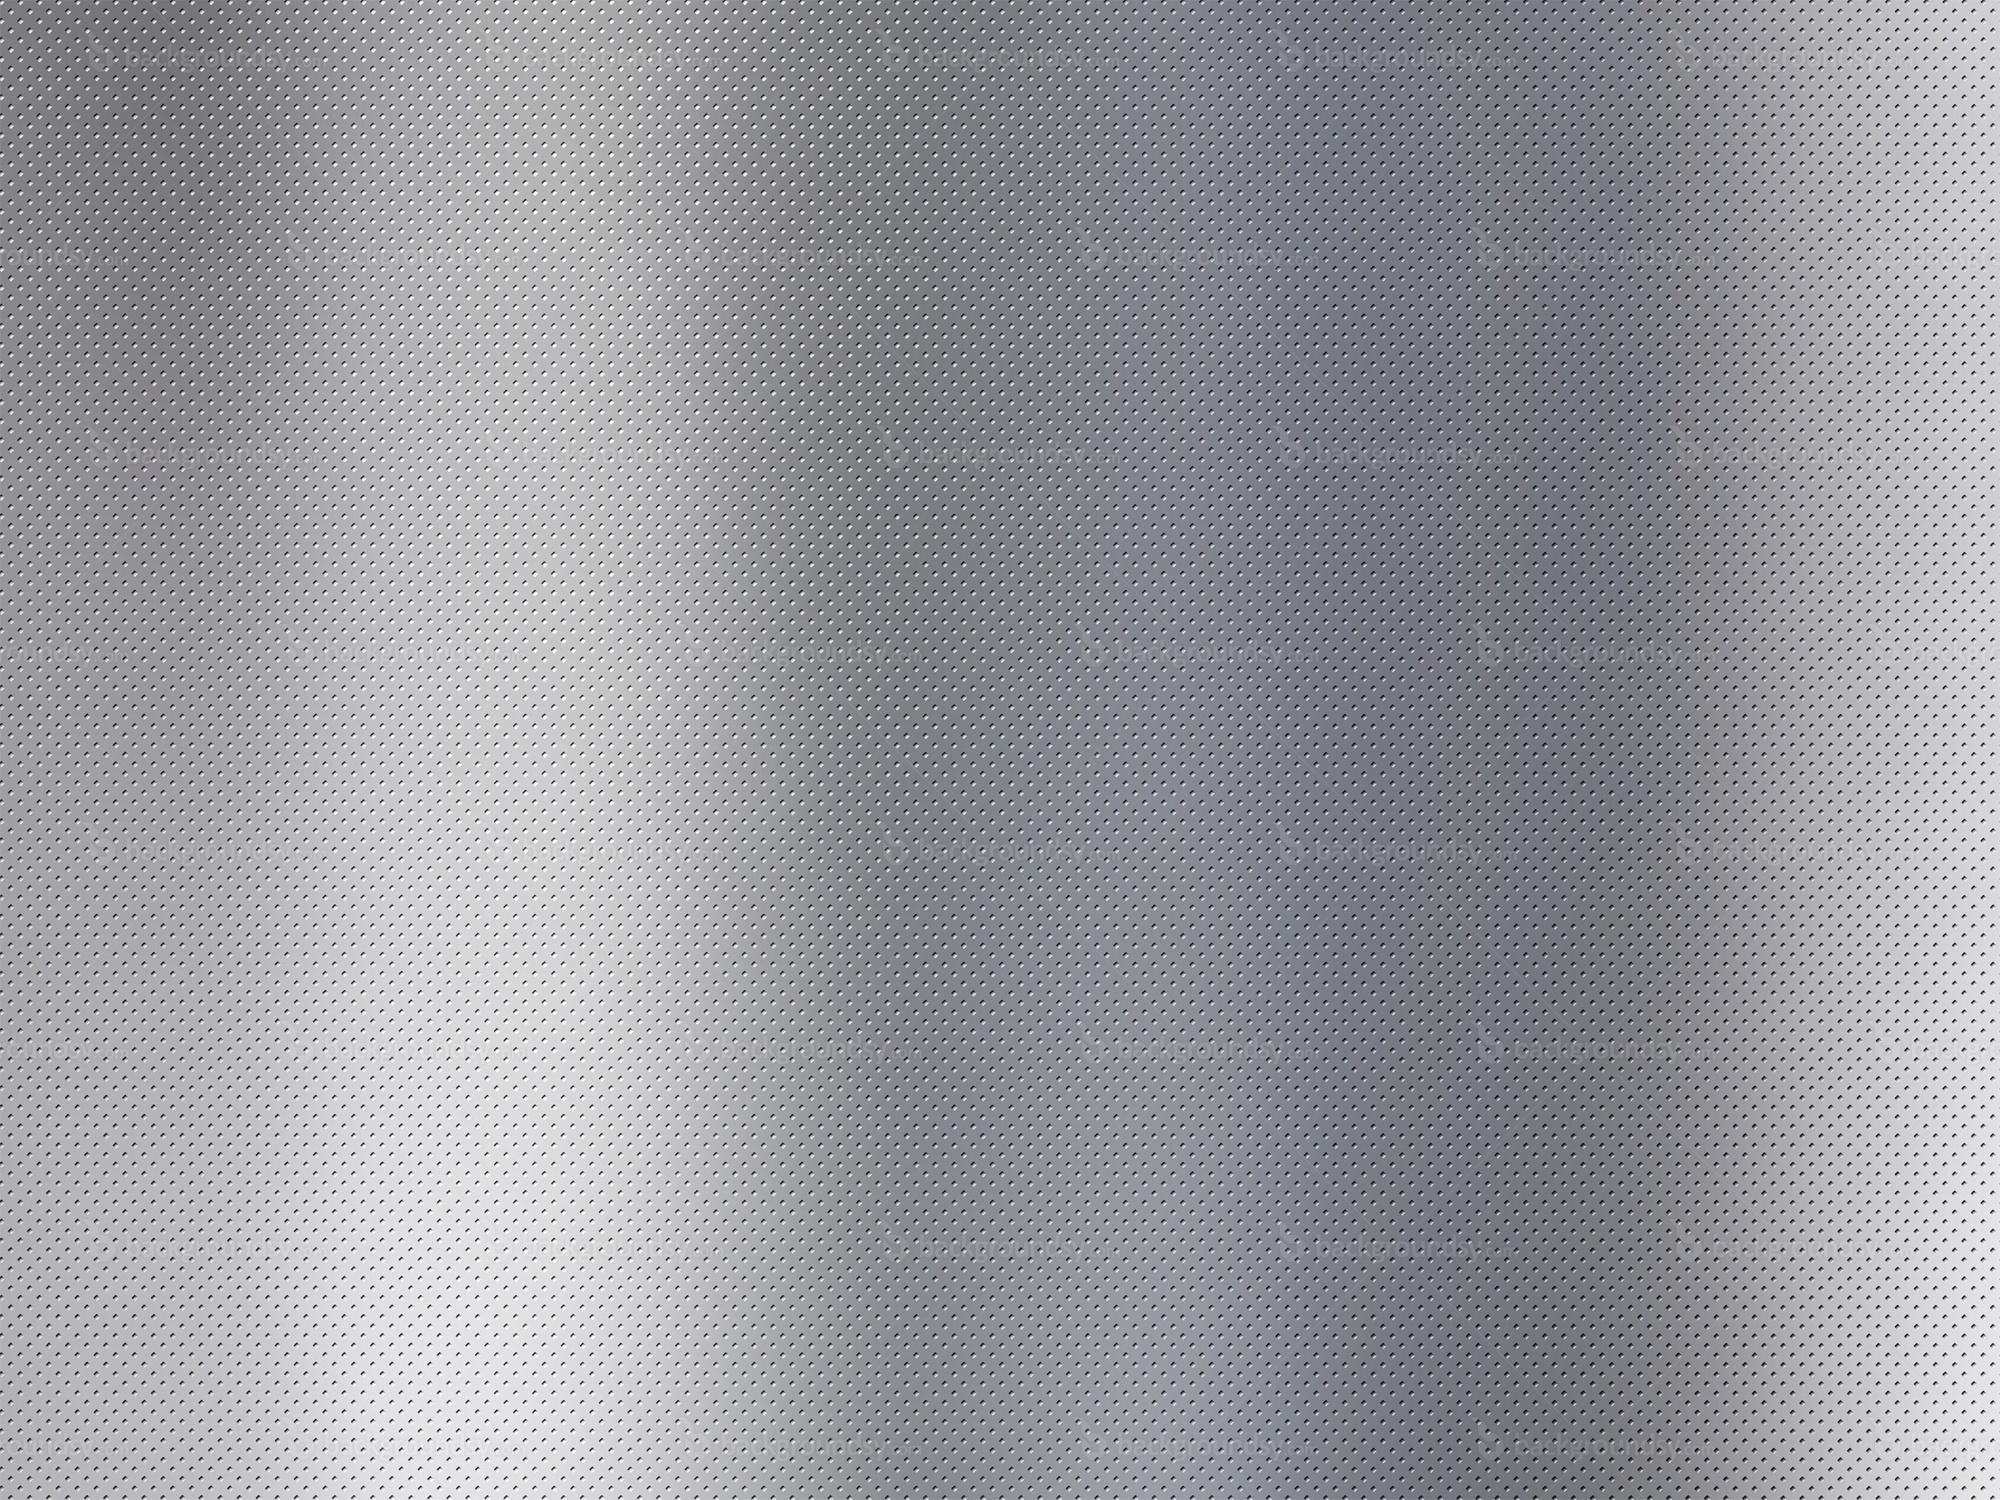 chrome metal wallpaper hd - photo #41